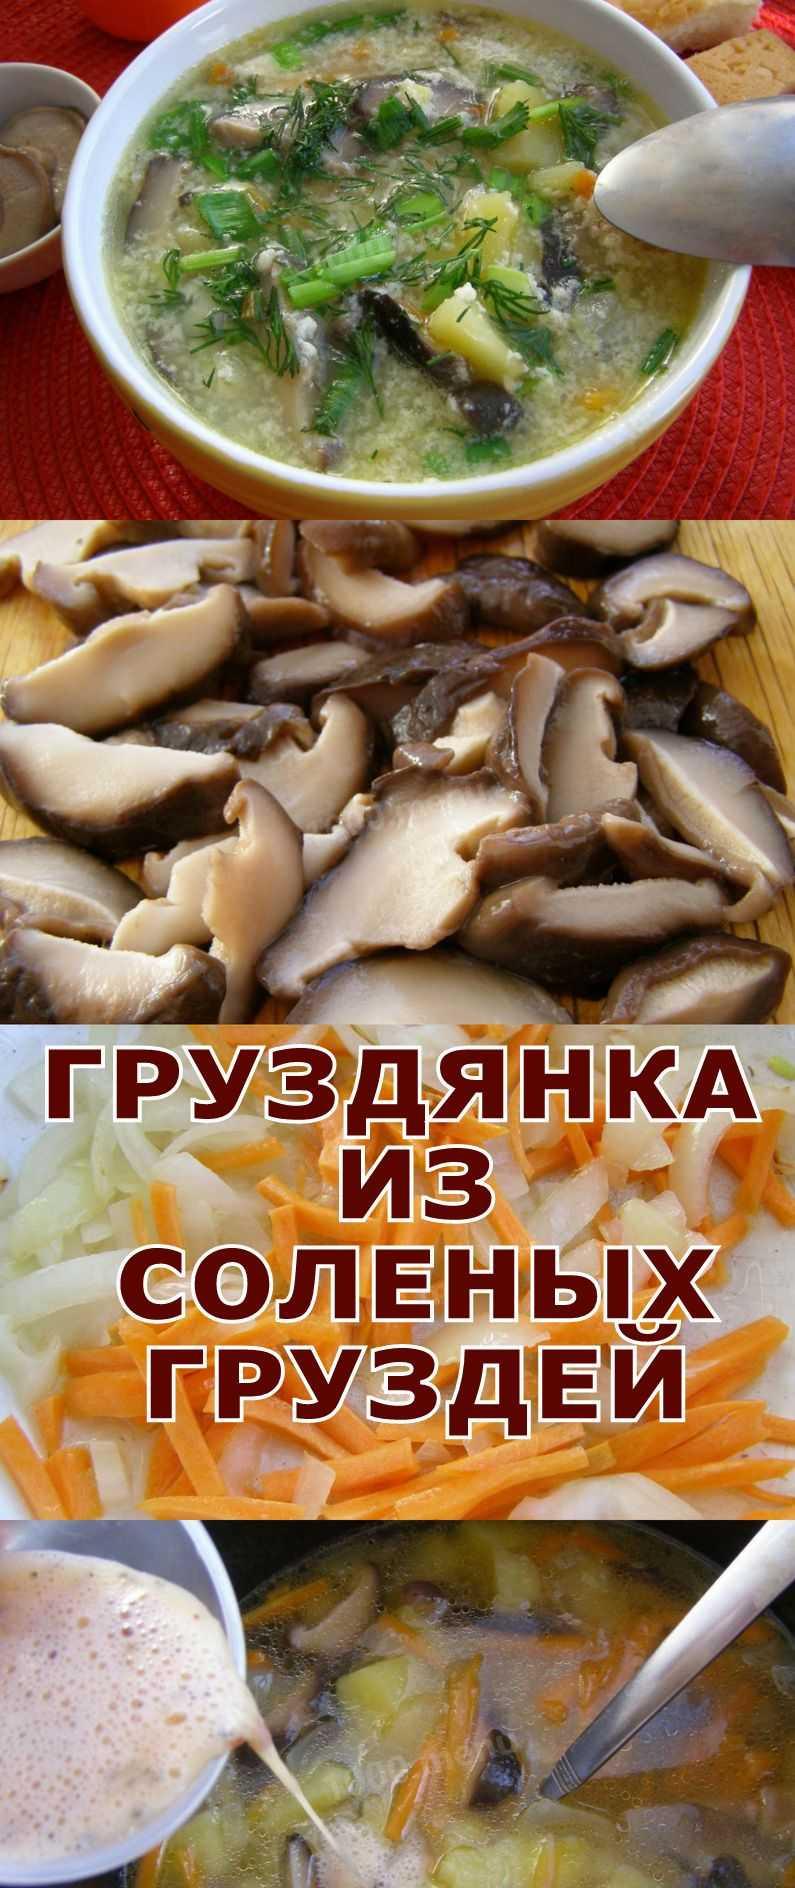 Груздянка: рецепты из соленых груздей с картошкой, на мясном бульоне, фото